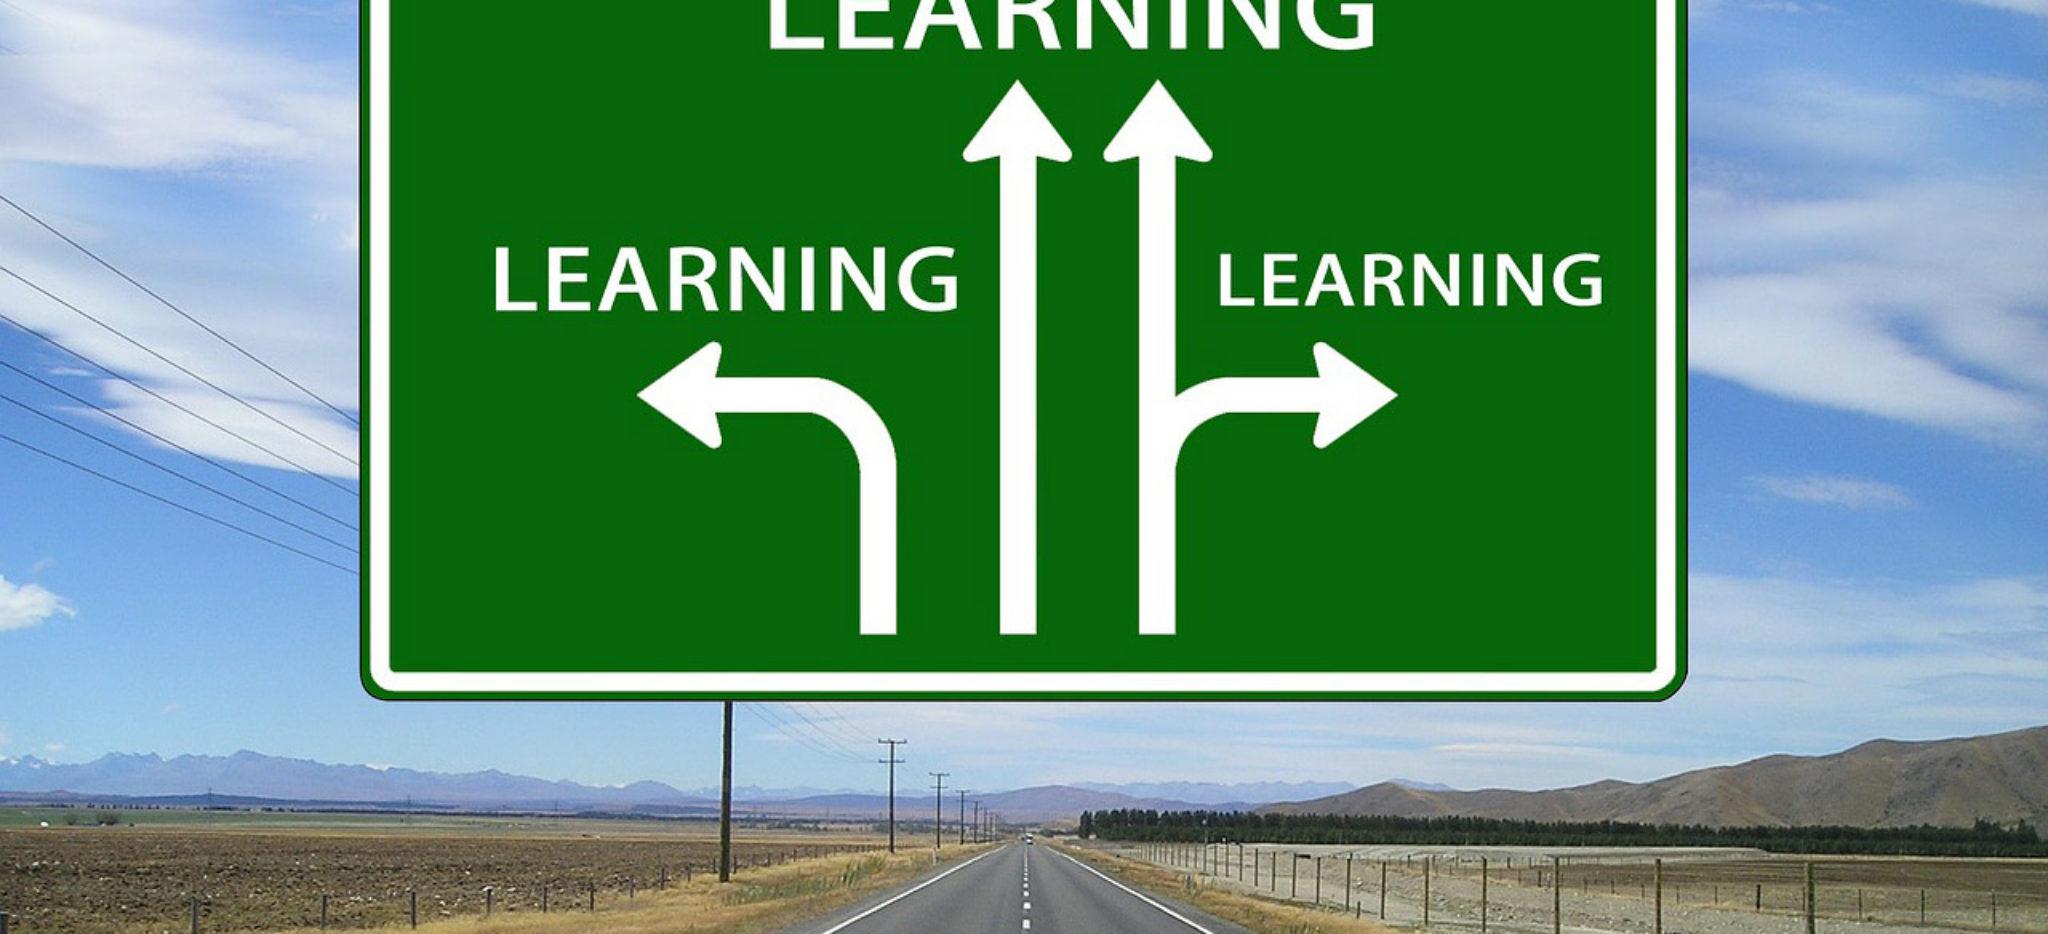 University Studies in English in Spain